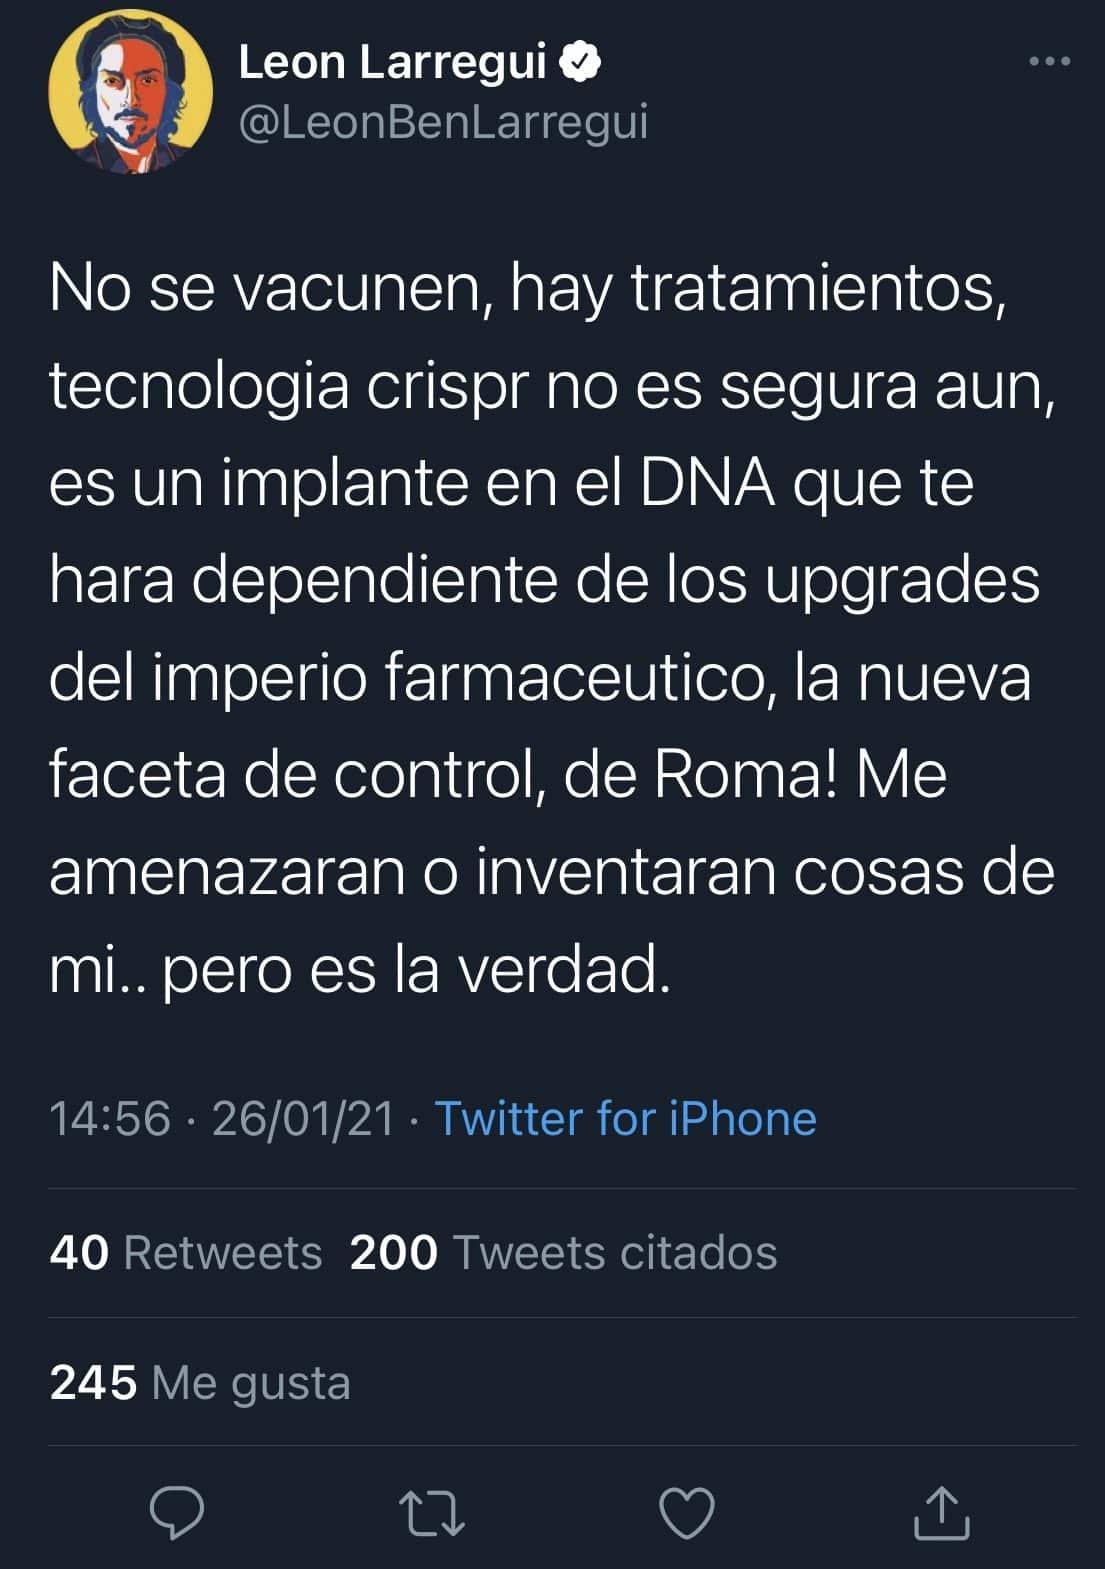 León Larregui publicó en Twitter información falsa sobre las vacunas contra COVID-19. Foto: Especial